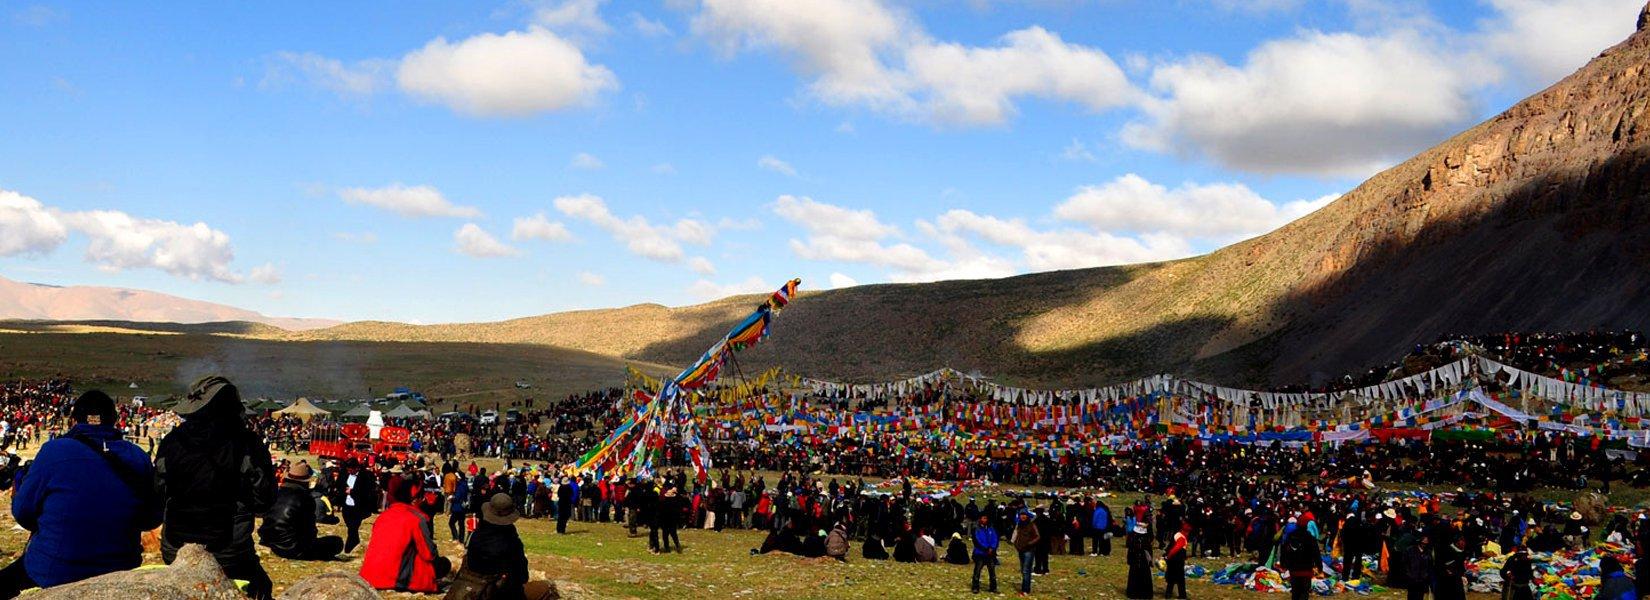 Saga_Dawa_Festival